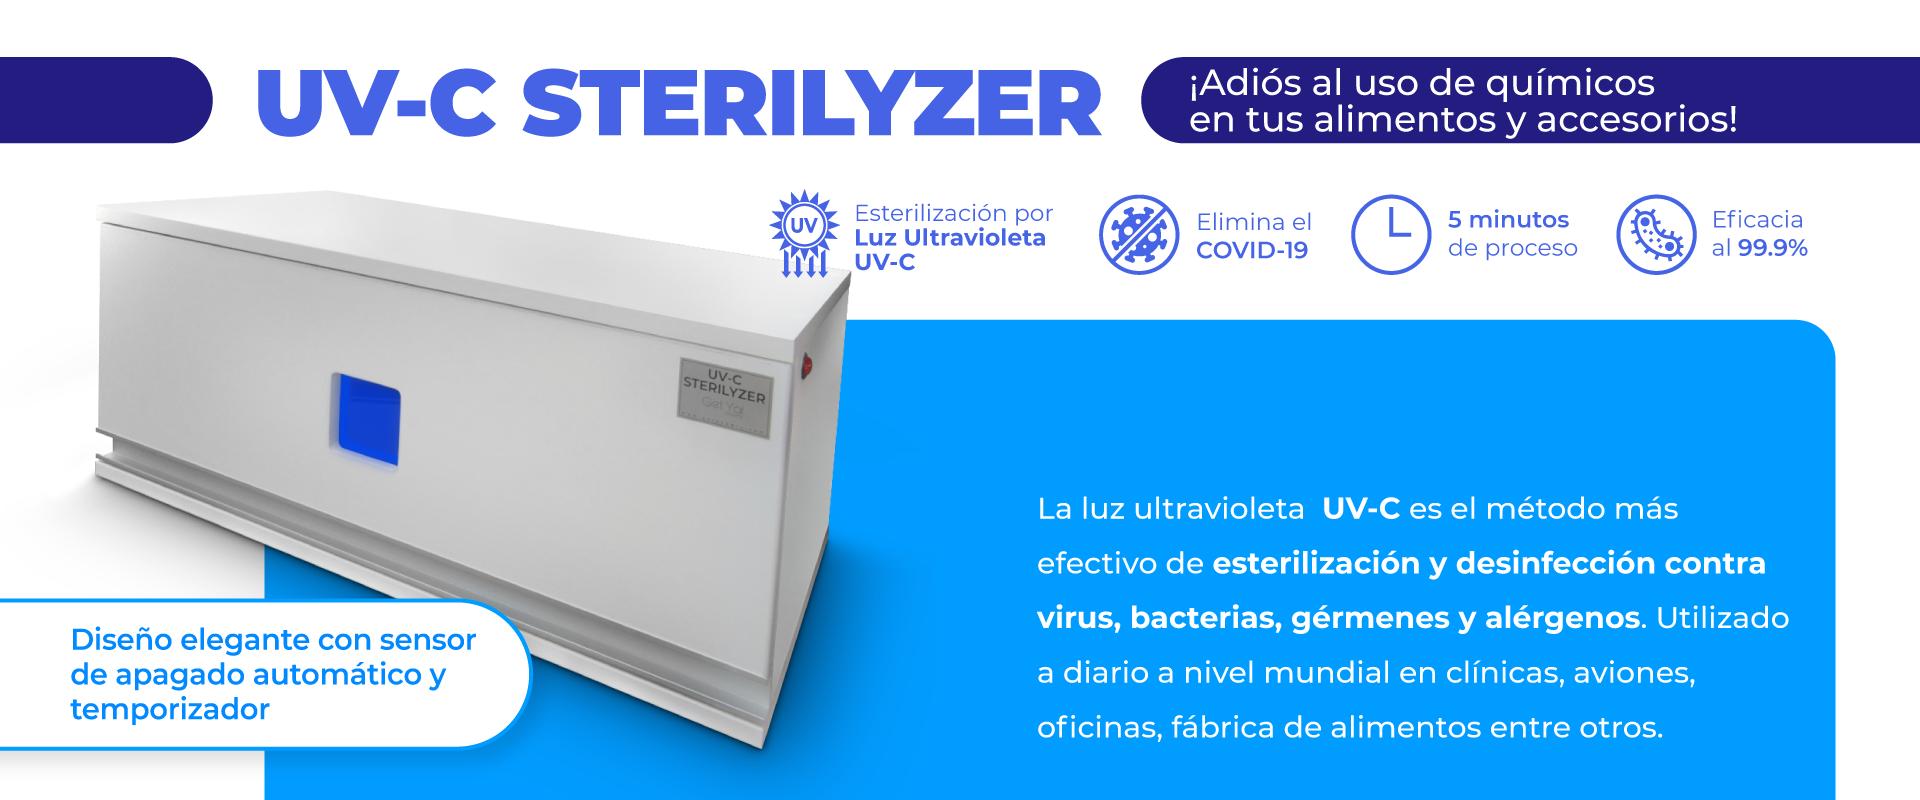 UV-C STERILYZER - GetYa!